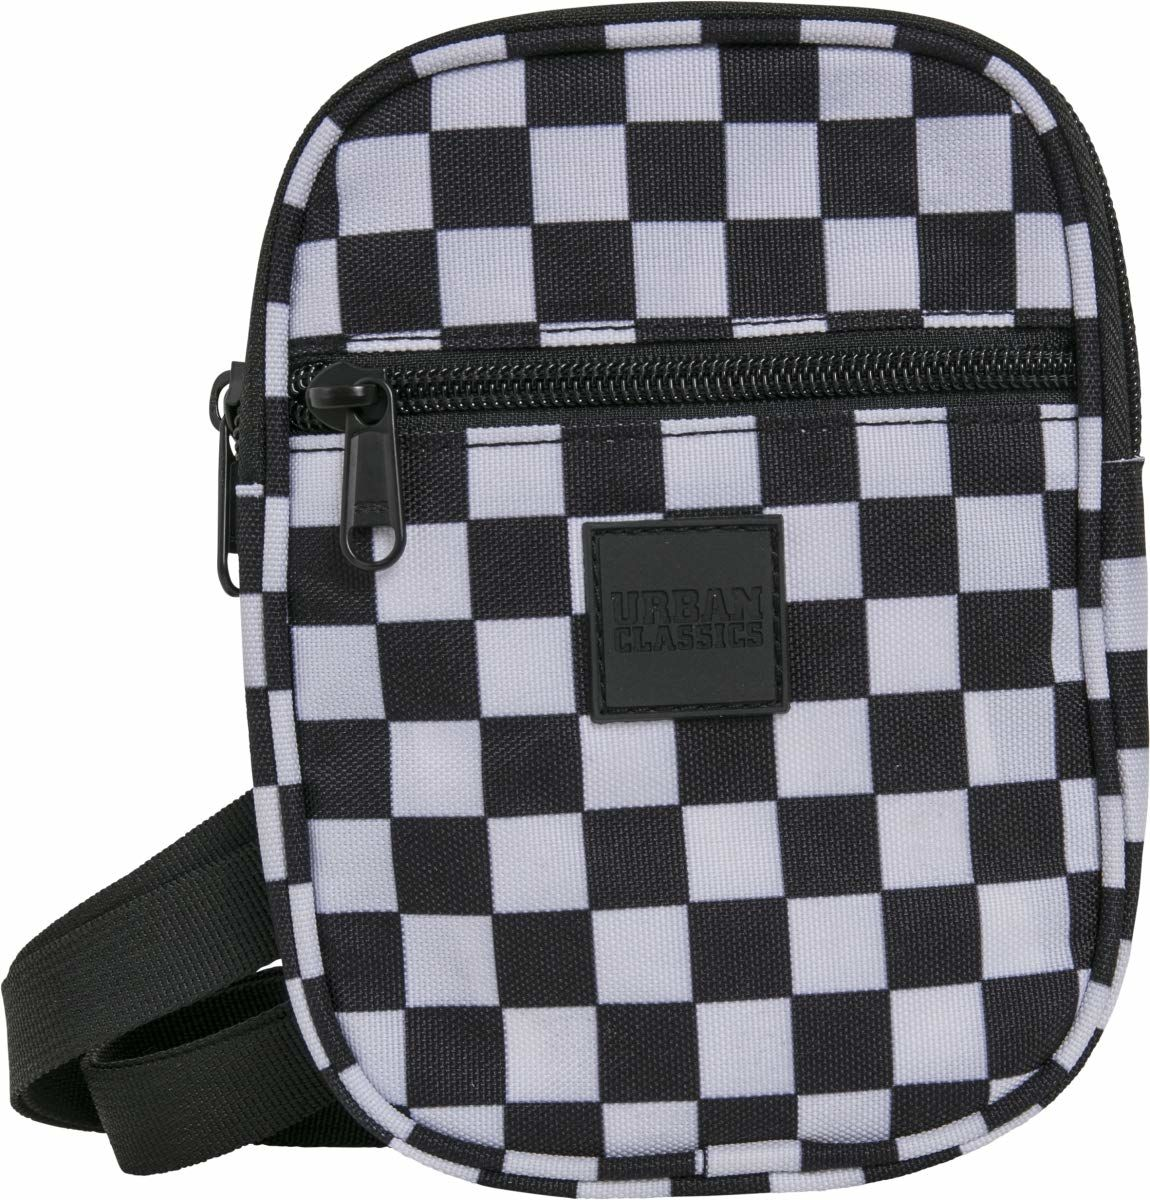 Urban Classics Festival Bag Small torba na ramię, 19 cm, czarny/biały (wielokolorowa) - TB2145